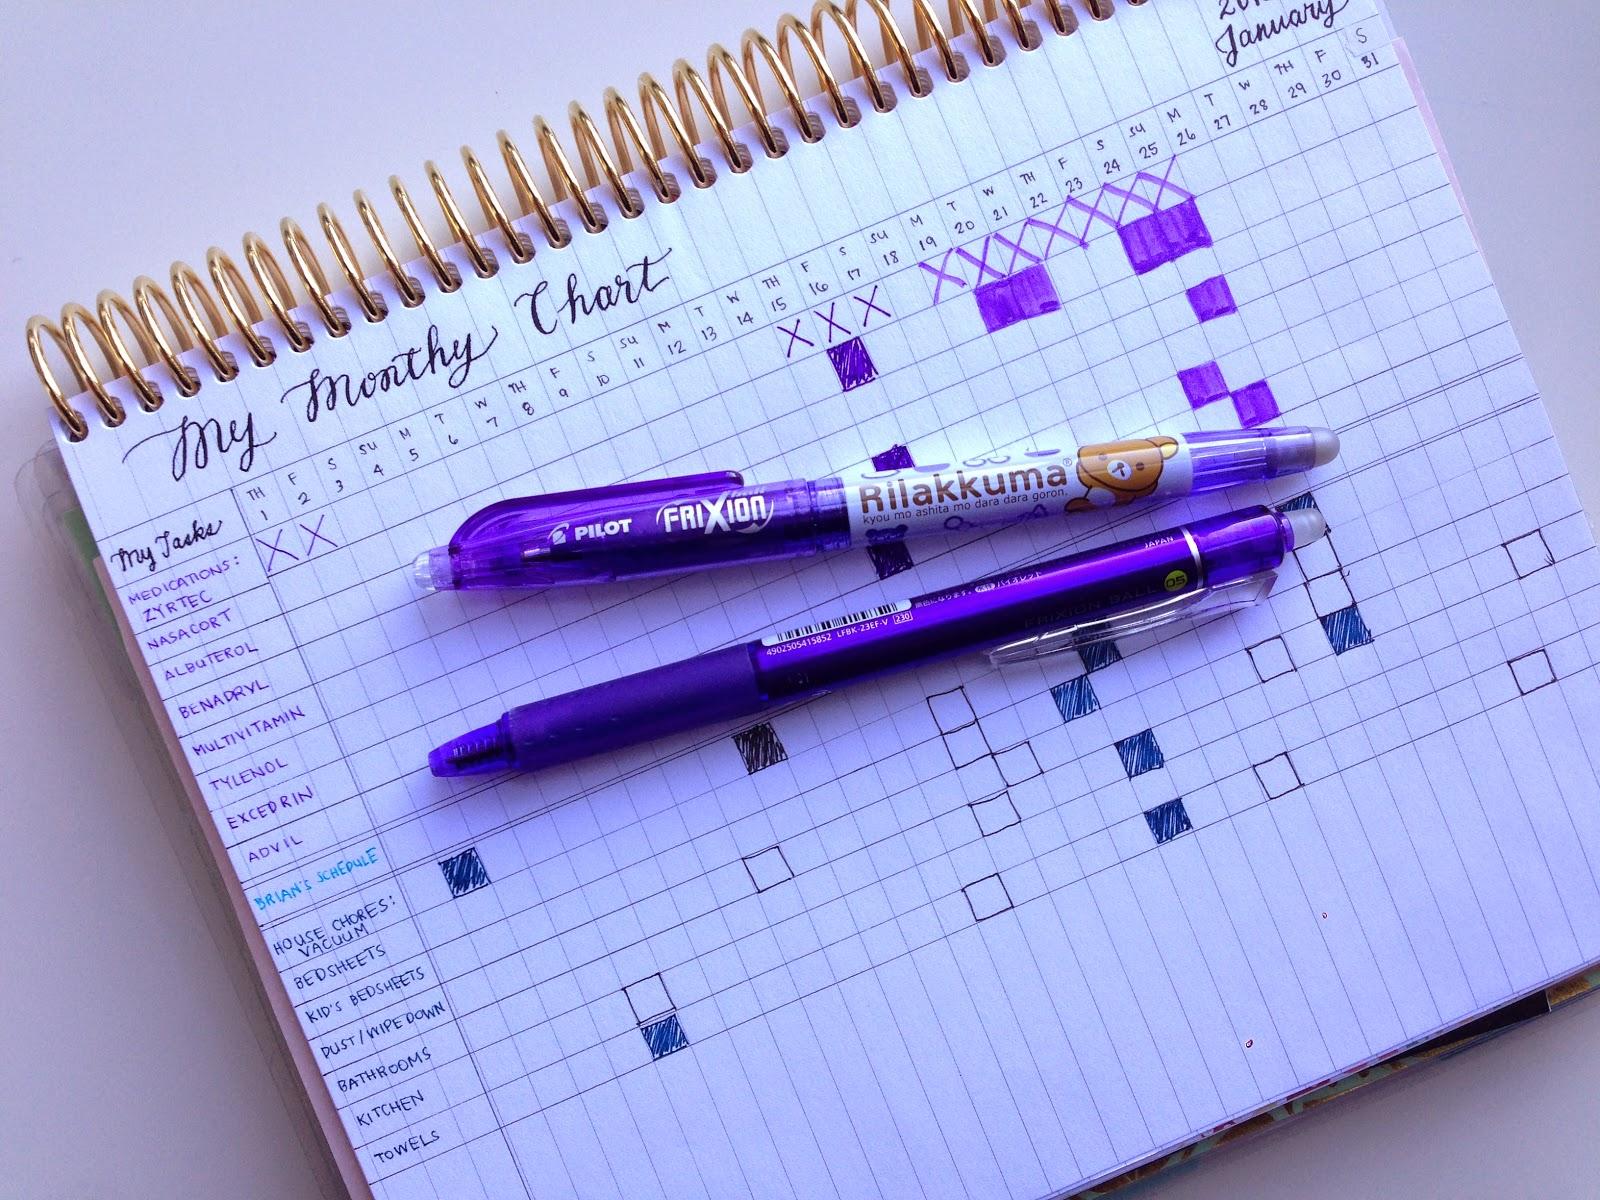 Using an Erin Condren Life Planner - January 2015